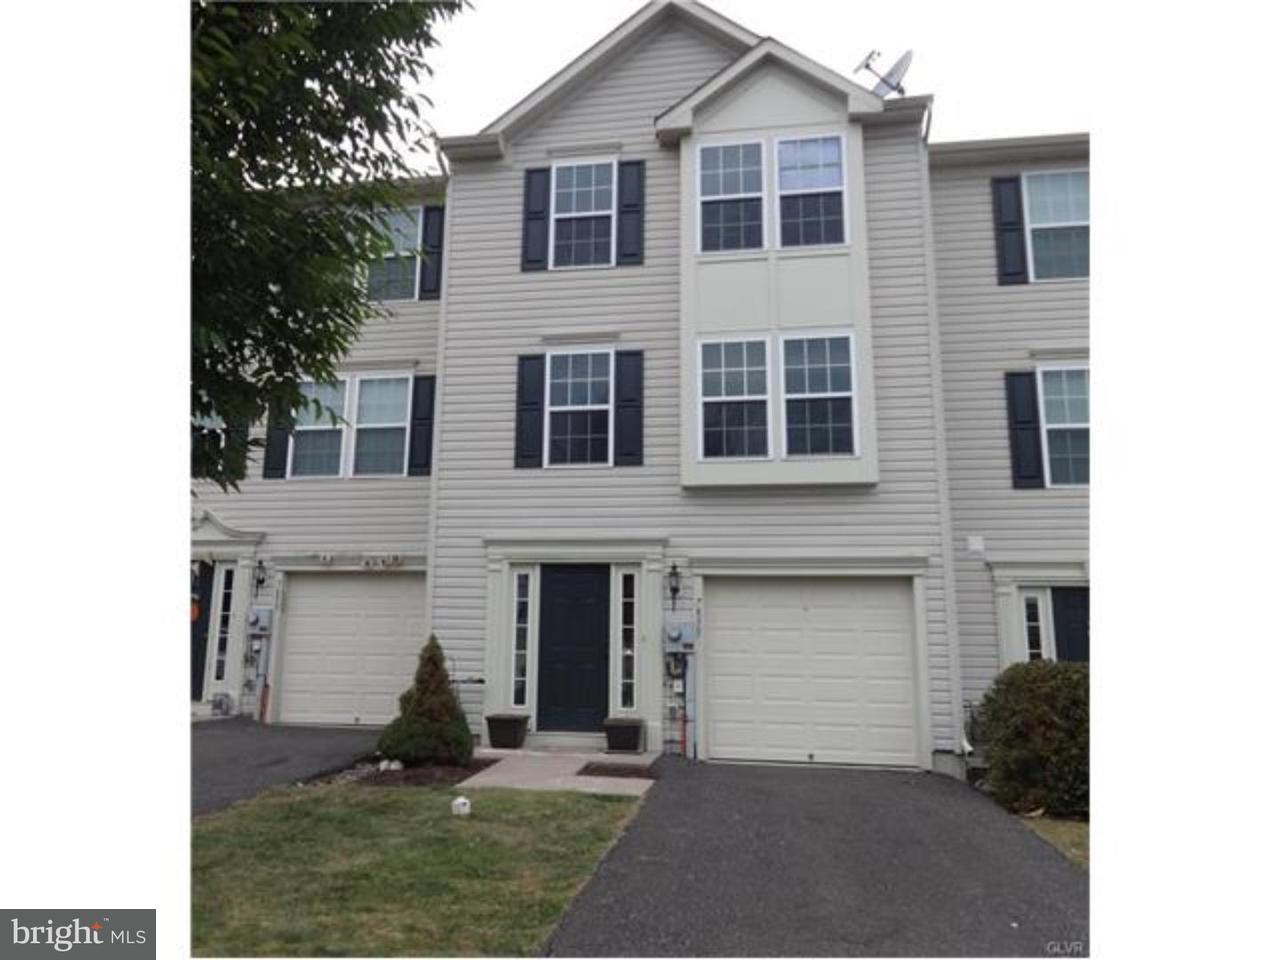 联栋屋 为 销售 在 7855 RED HAWK CT #66 Breinigsville, 宾夕法尼亚州 18031 美国